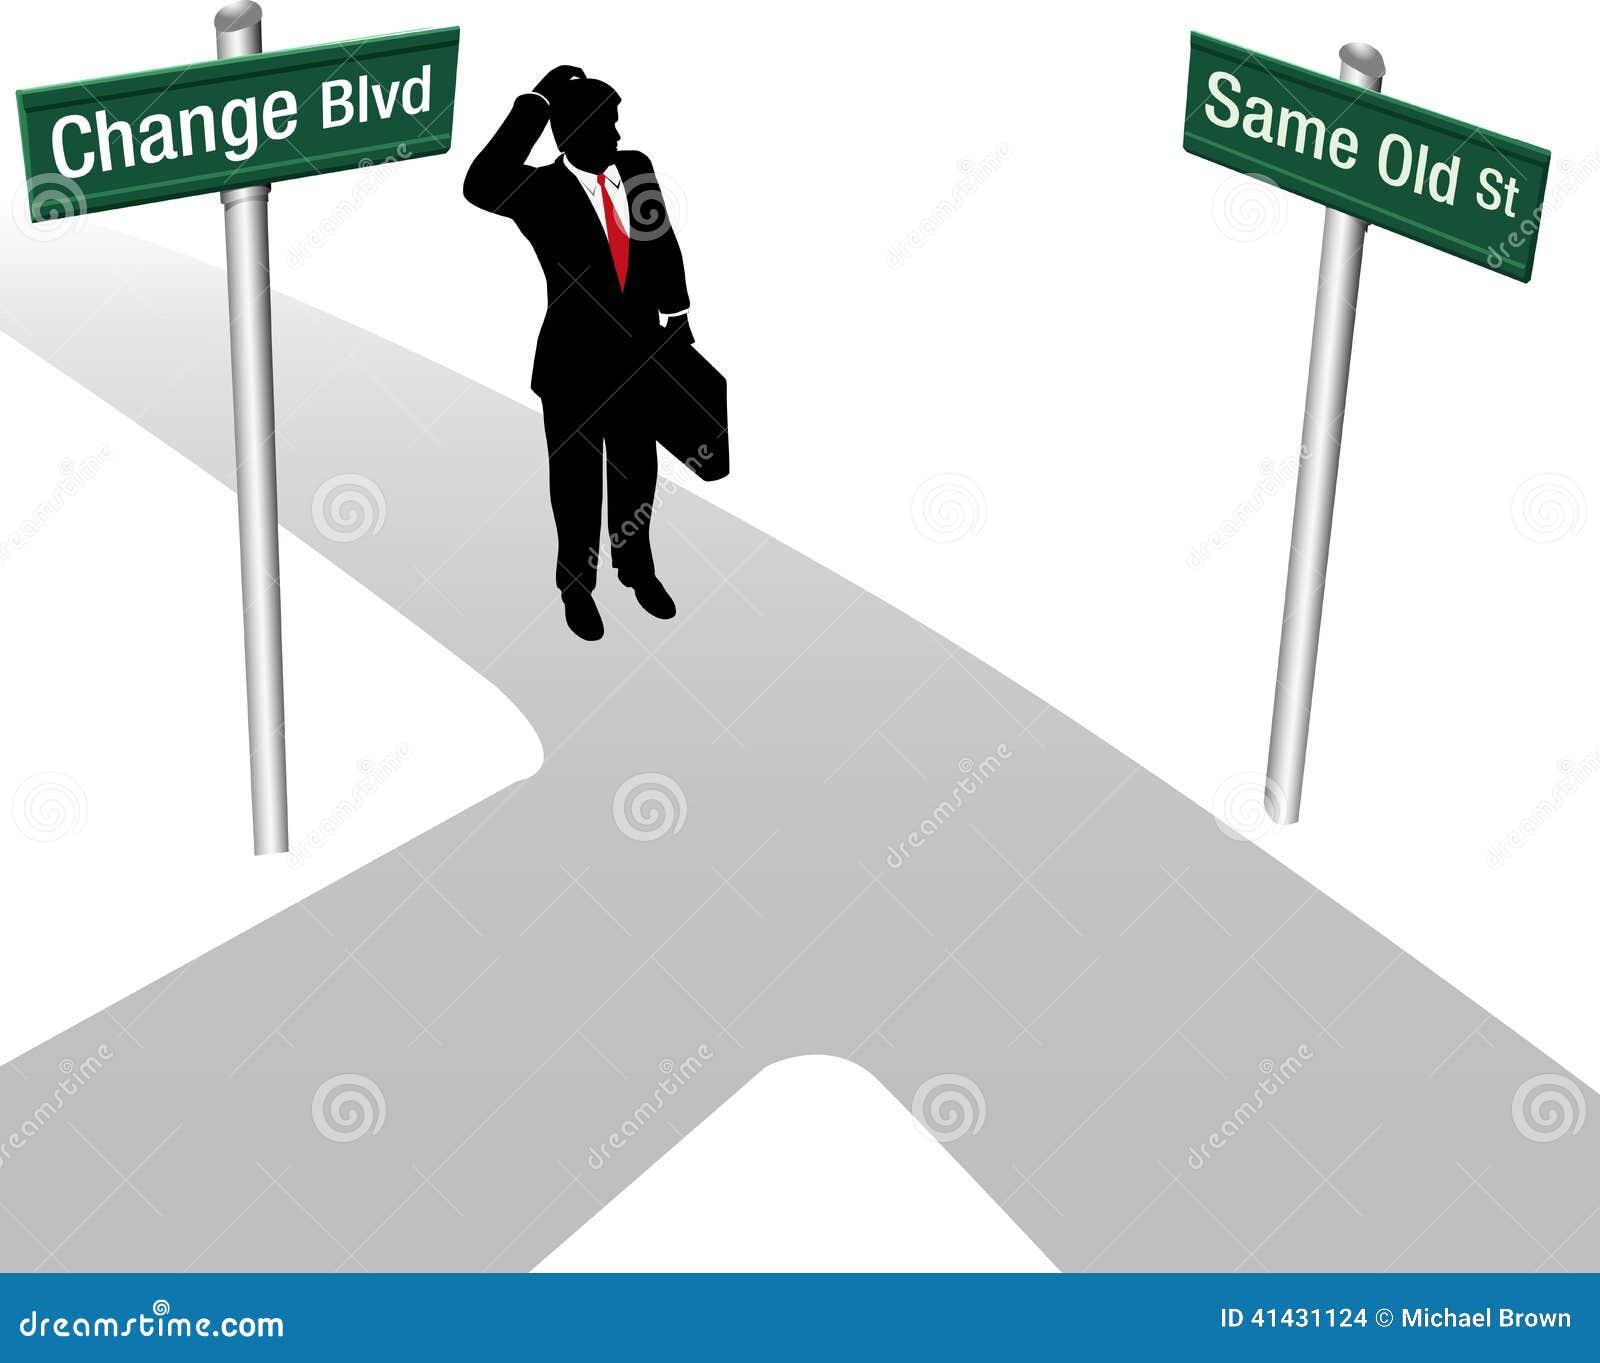 Персона выбирает такие же или изменяет решение